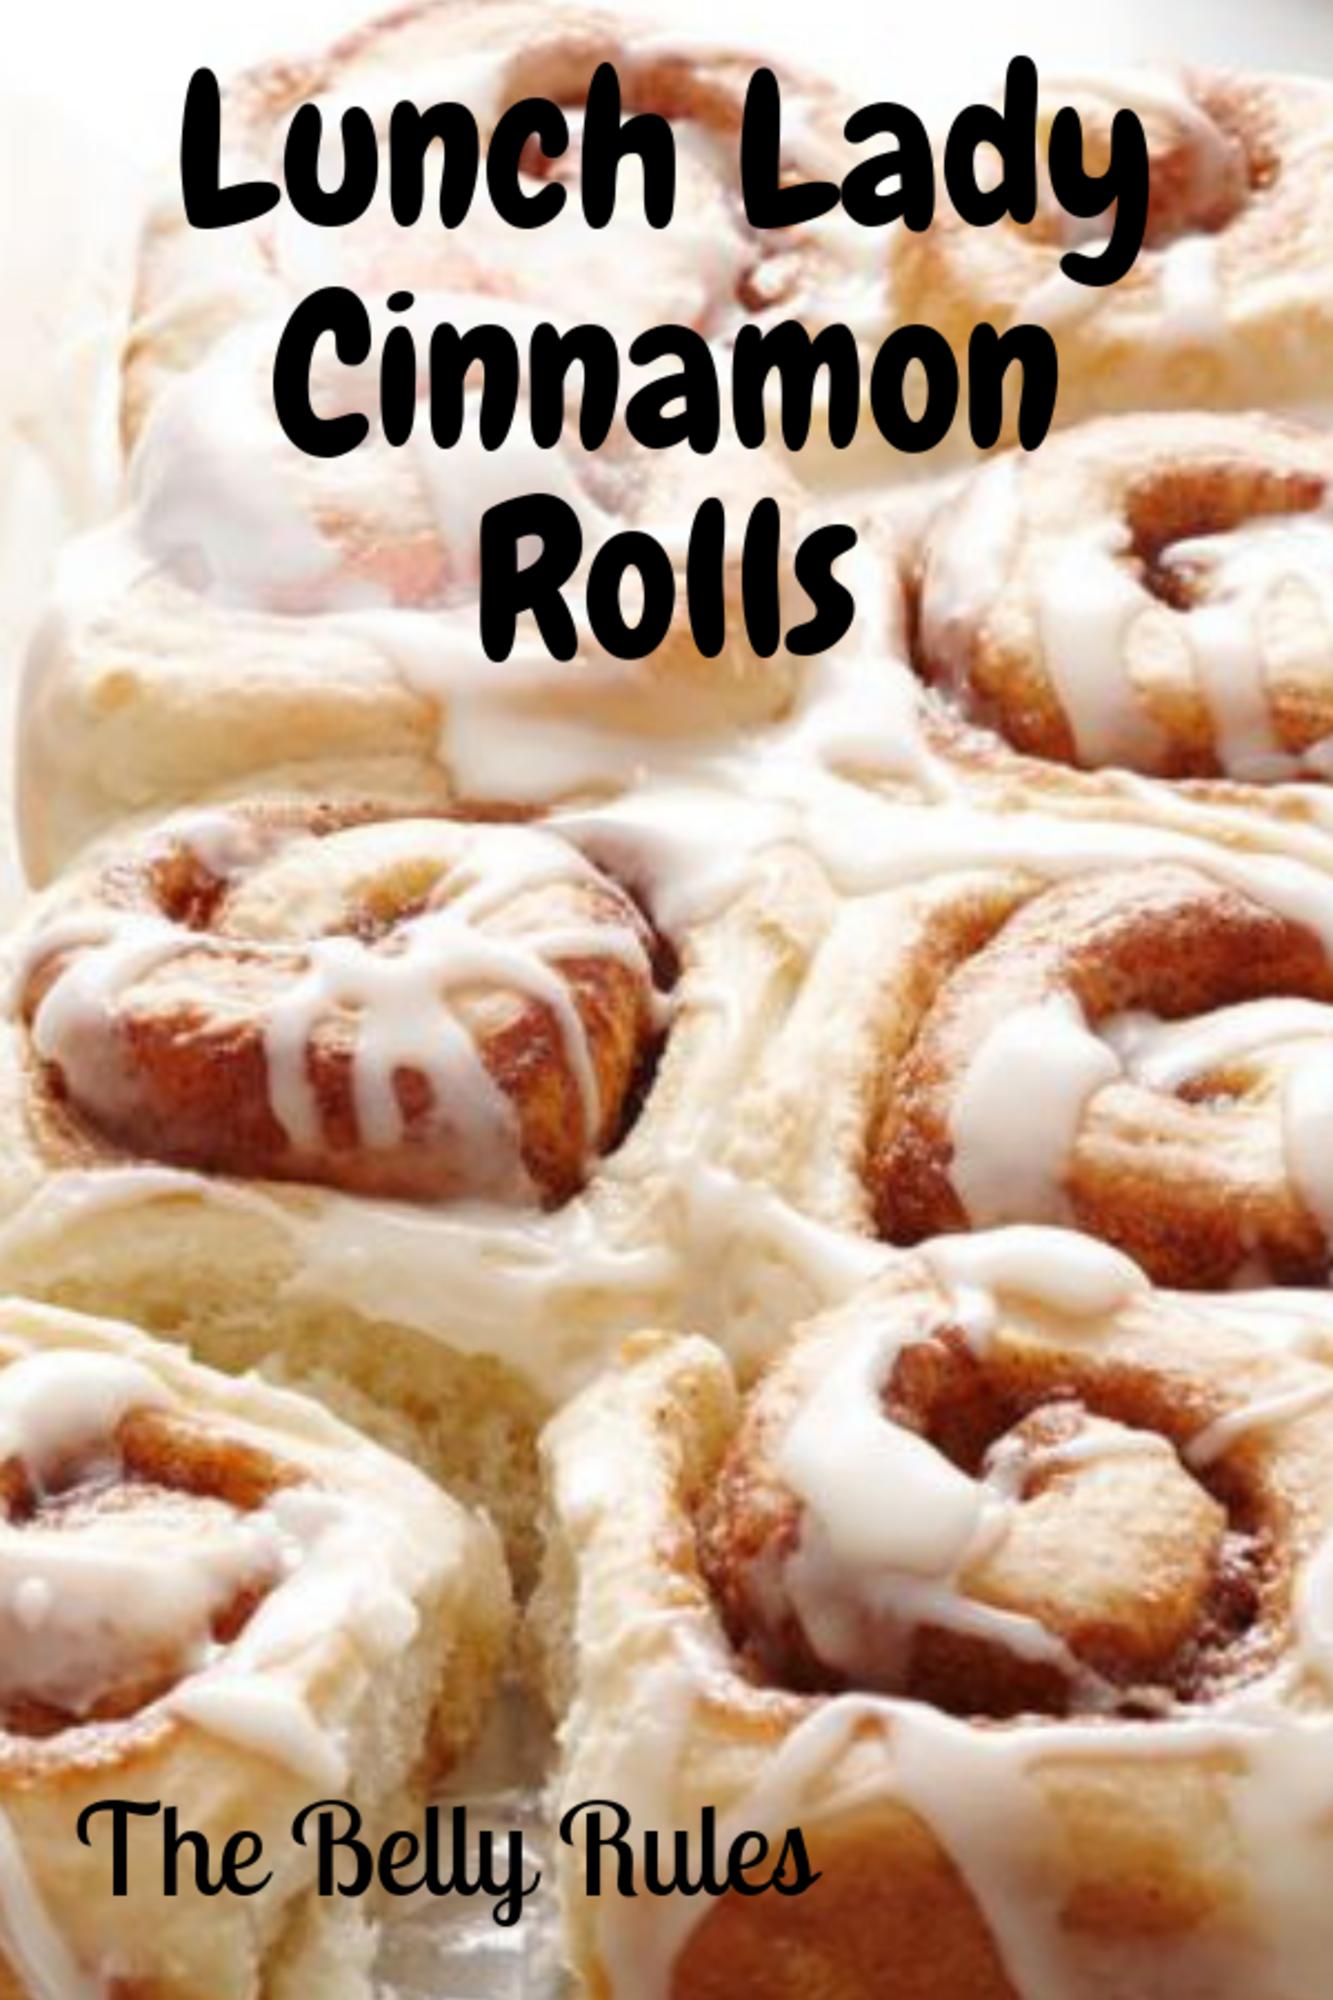 Lunch Lady Cinnamon Rolls